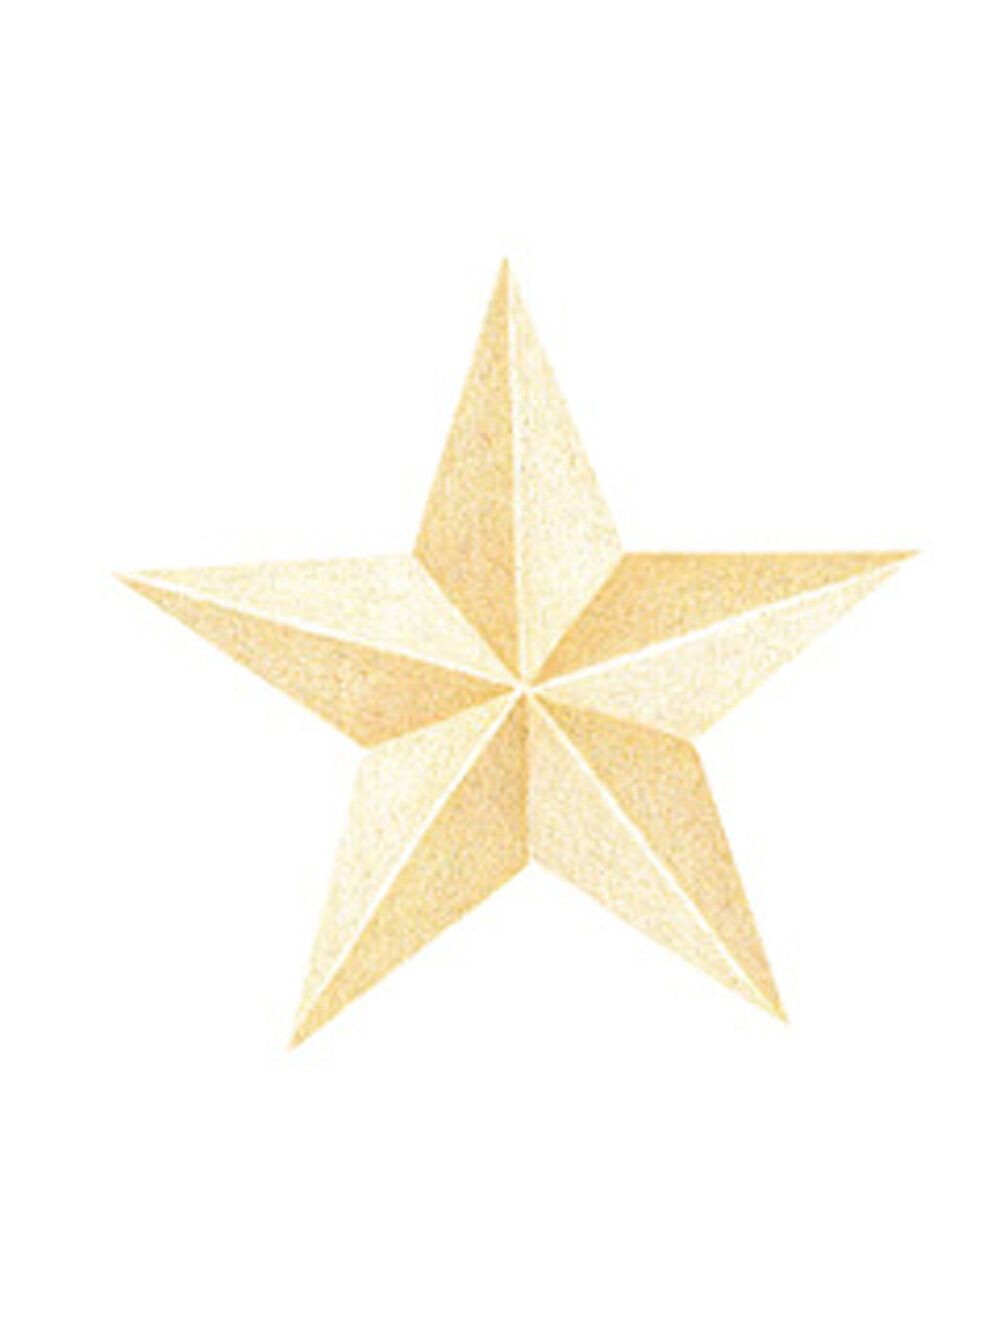 Celestial Night Sky Golden Star 25 Stars Wallies Wallpaper Cutout ...